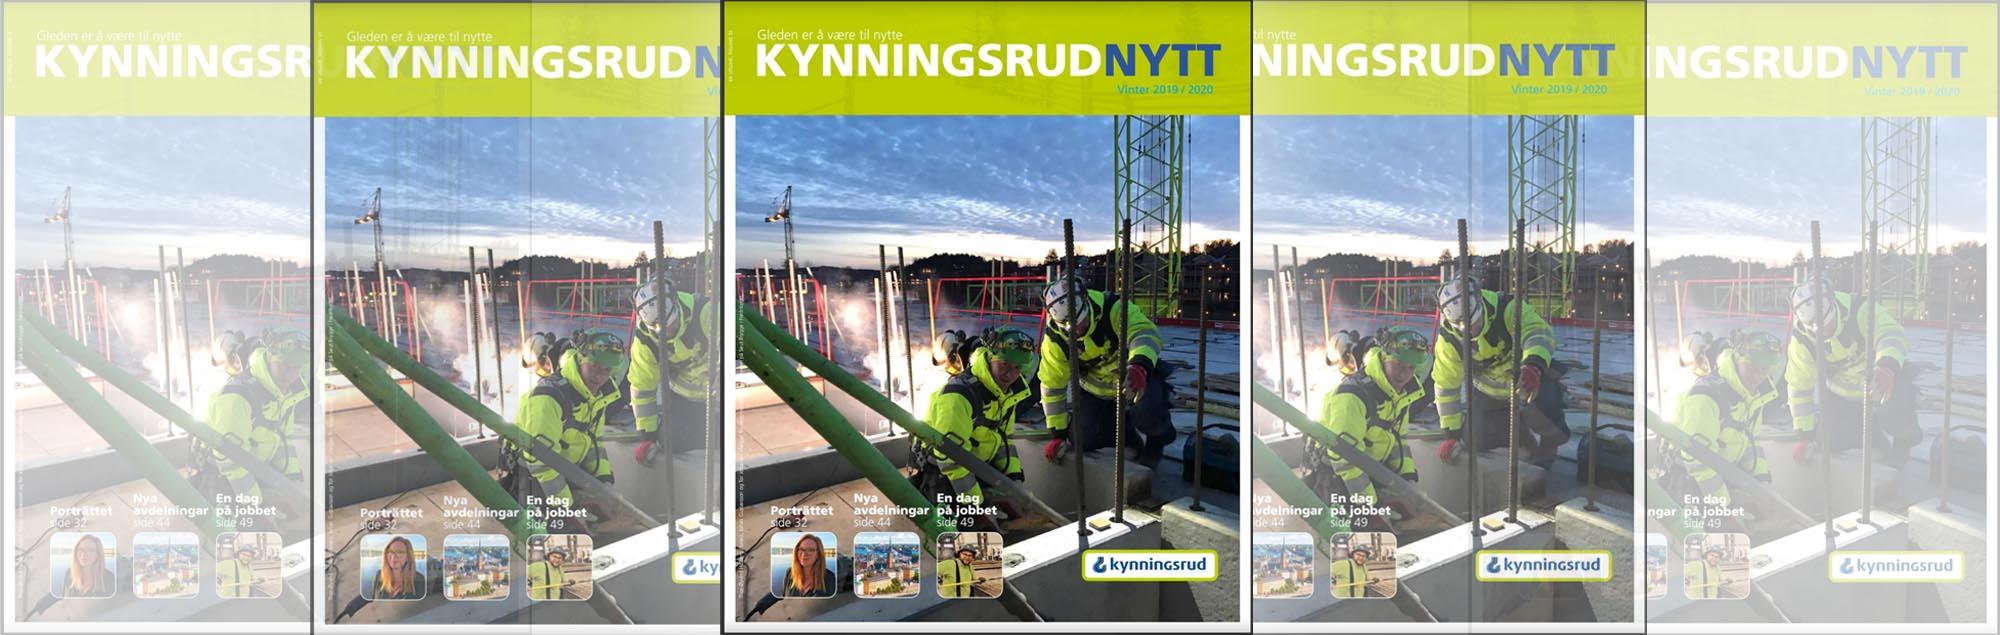 Personalmagasinet-KynningsrudNytt-vinter-2019-2020